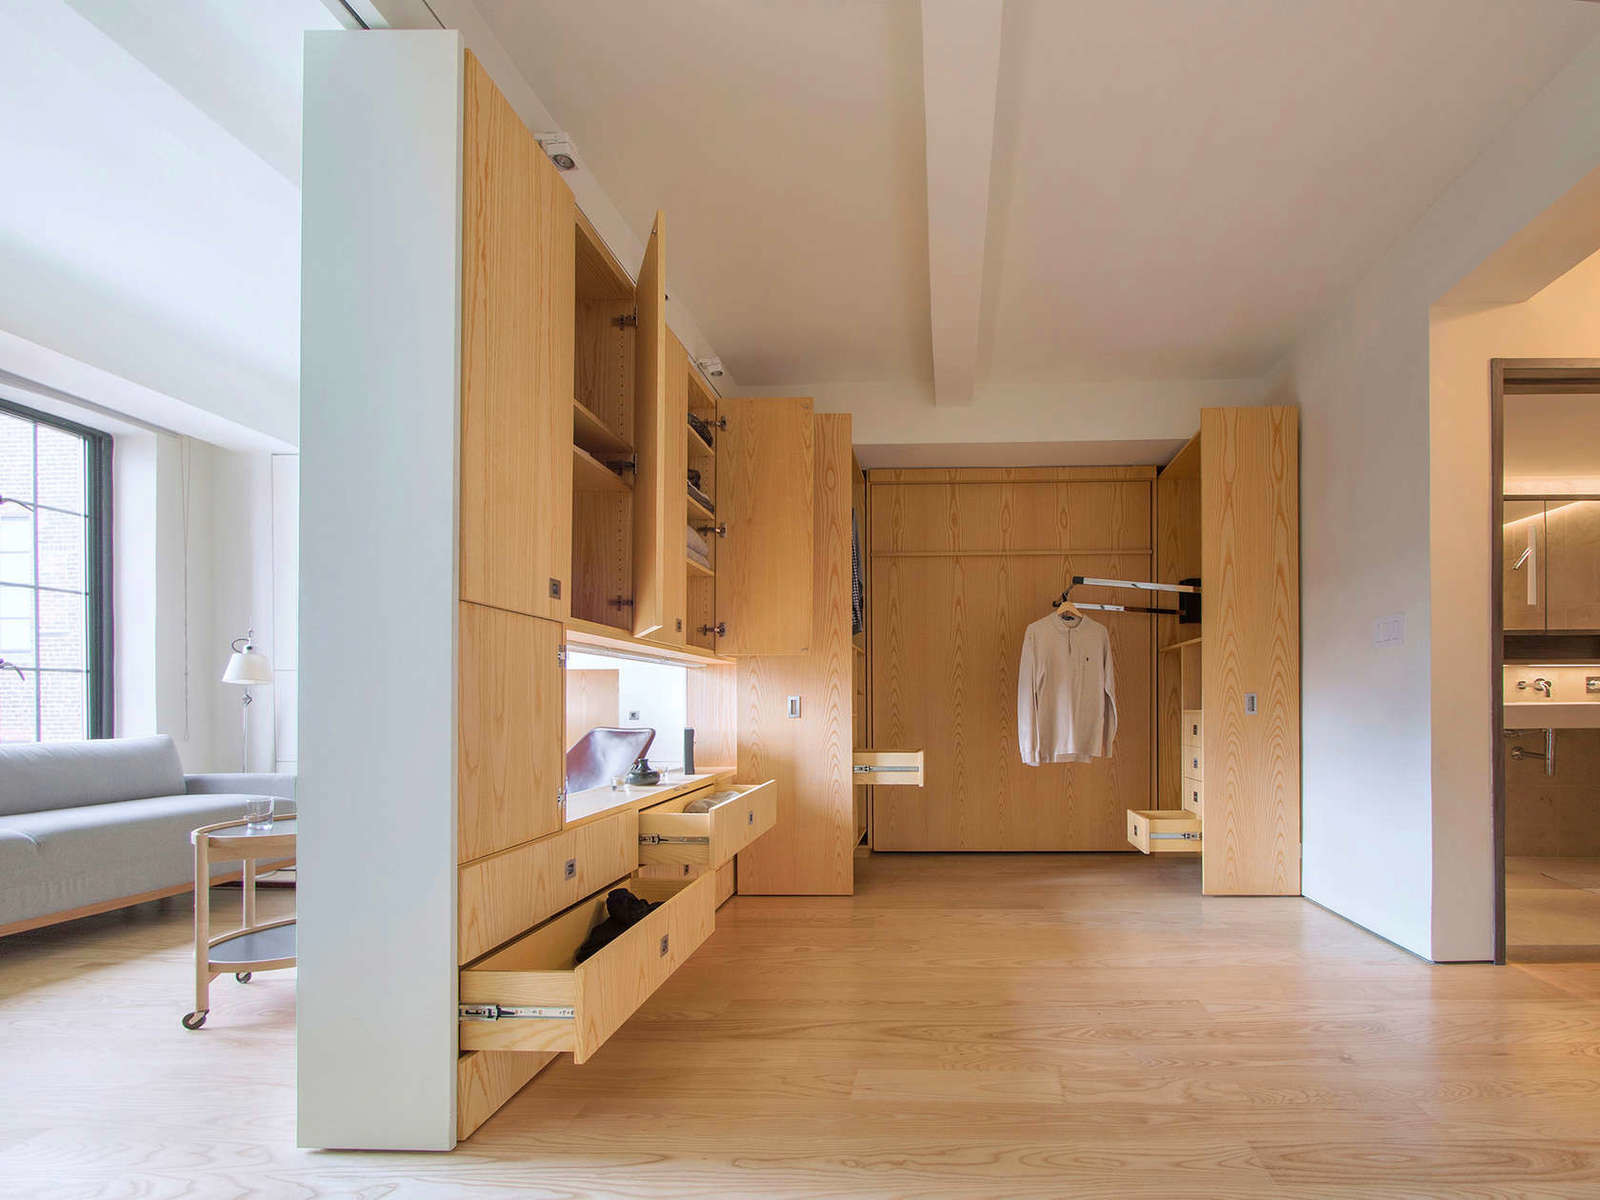 nestandarten-i-izkliuchitelno-funktsionalen-malak-apartament-37-m-7g